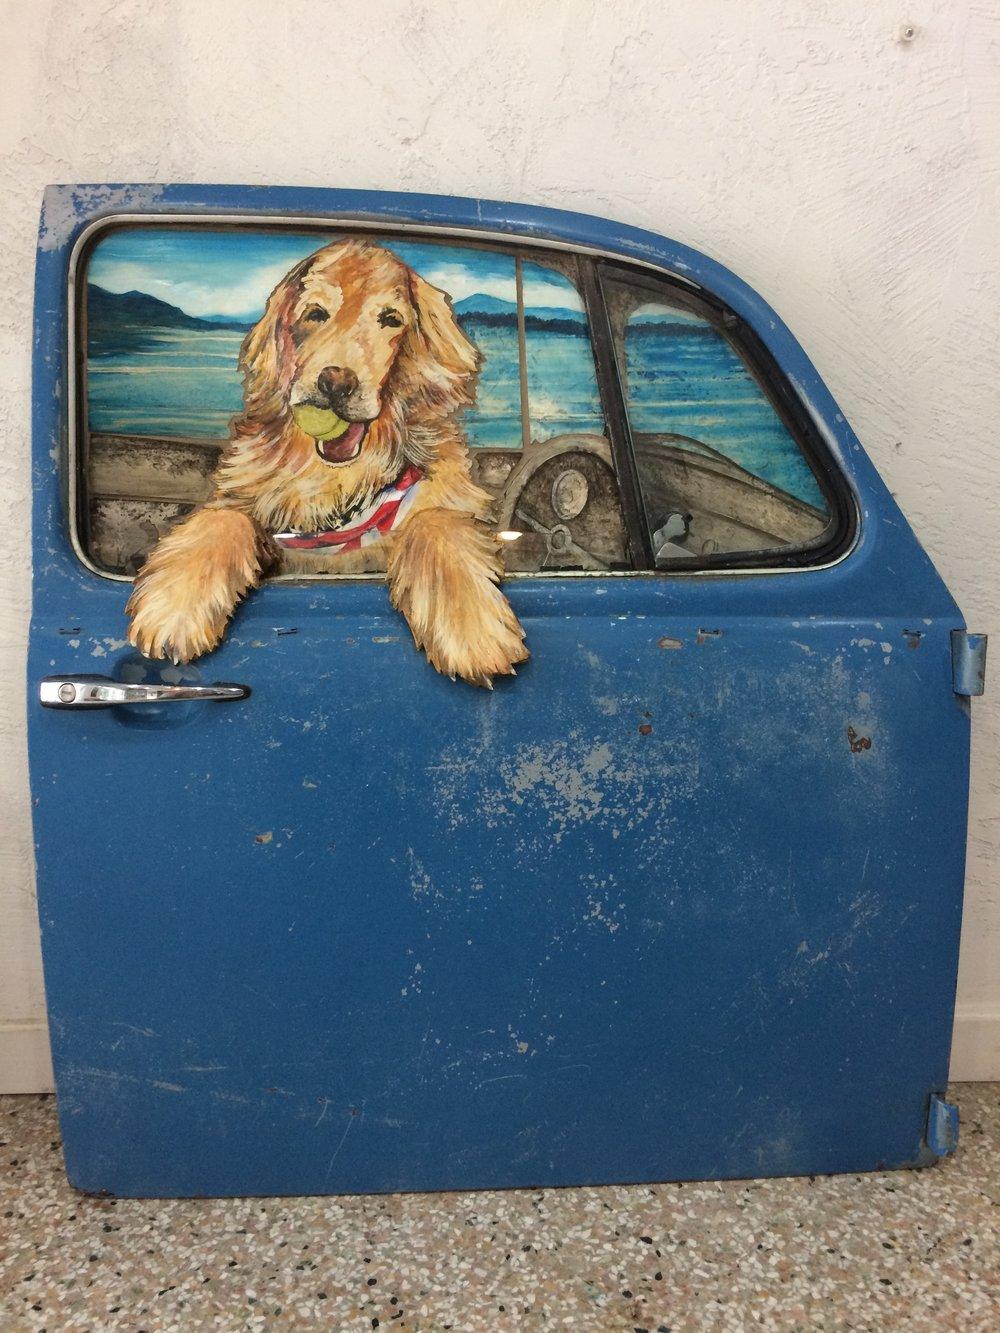 Reagan, golden retriever in vintage VW 1970's door, SOLD